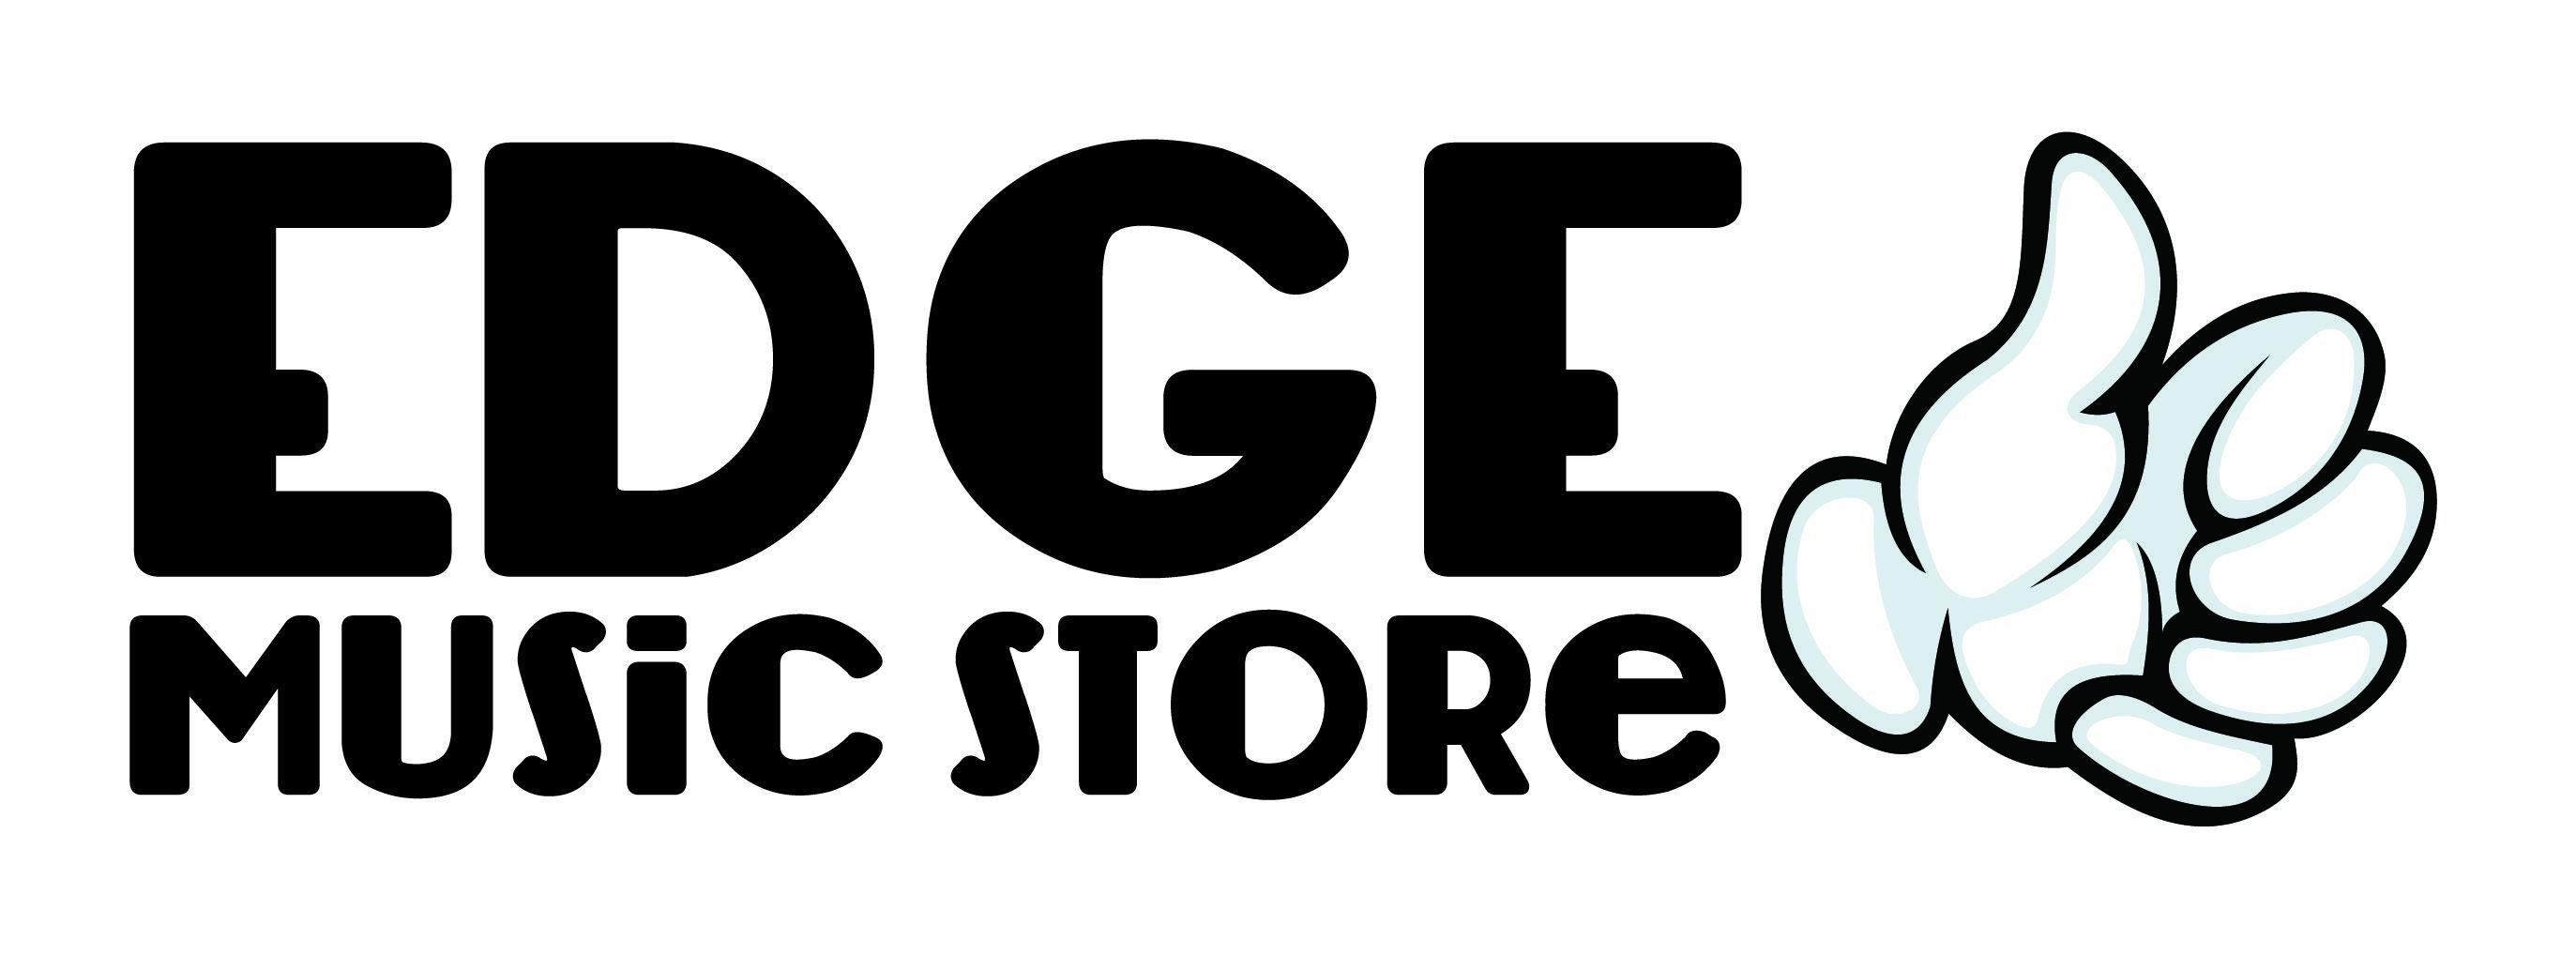 EDGE Music Store